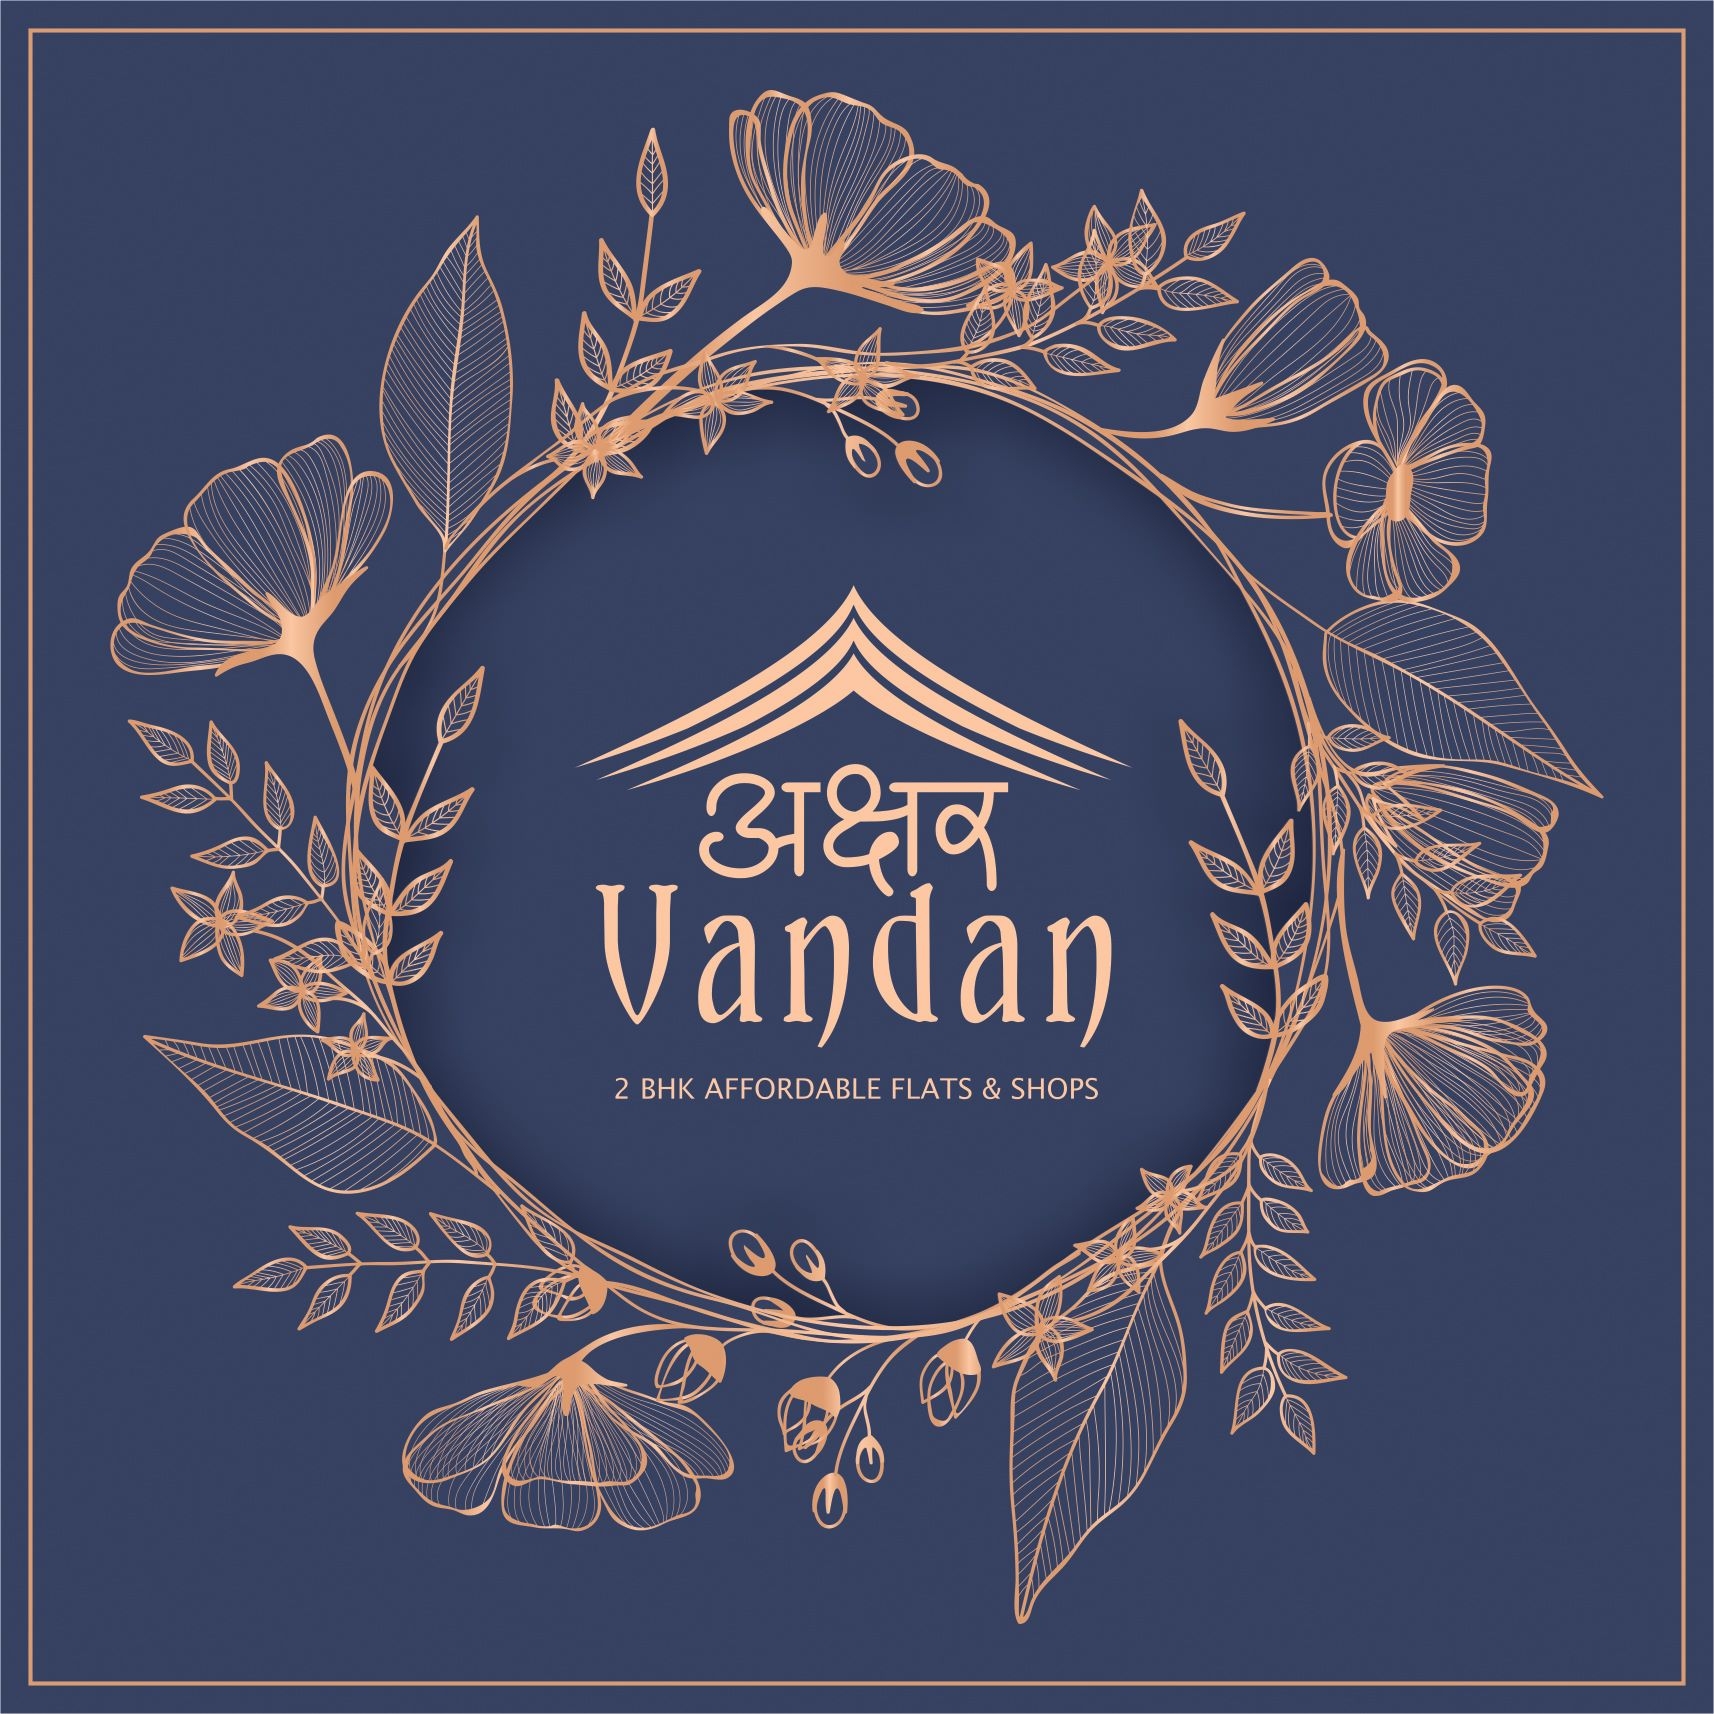 LOGO - Akshar Vandan